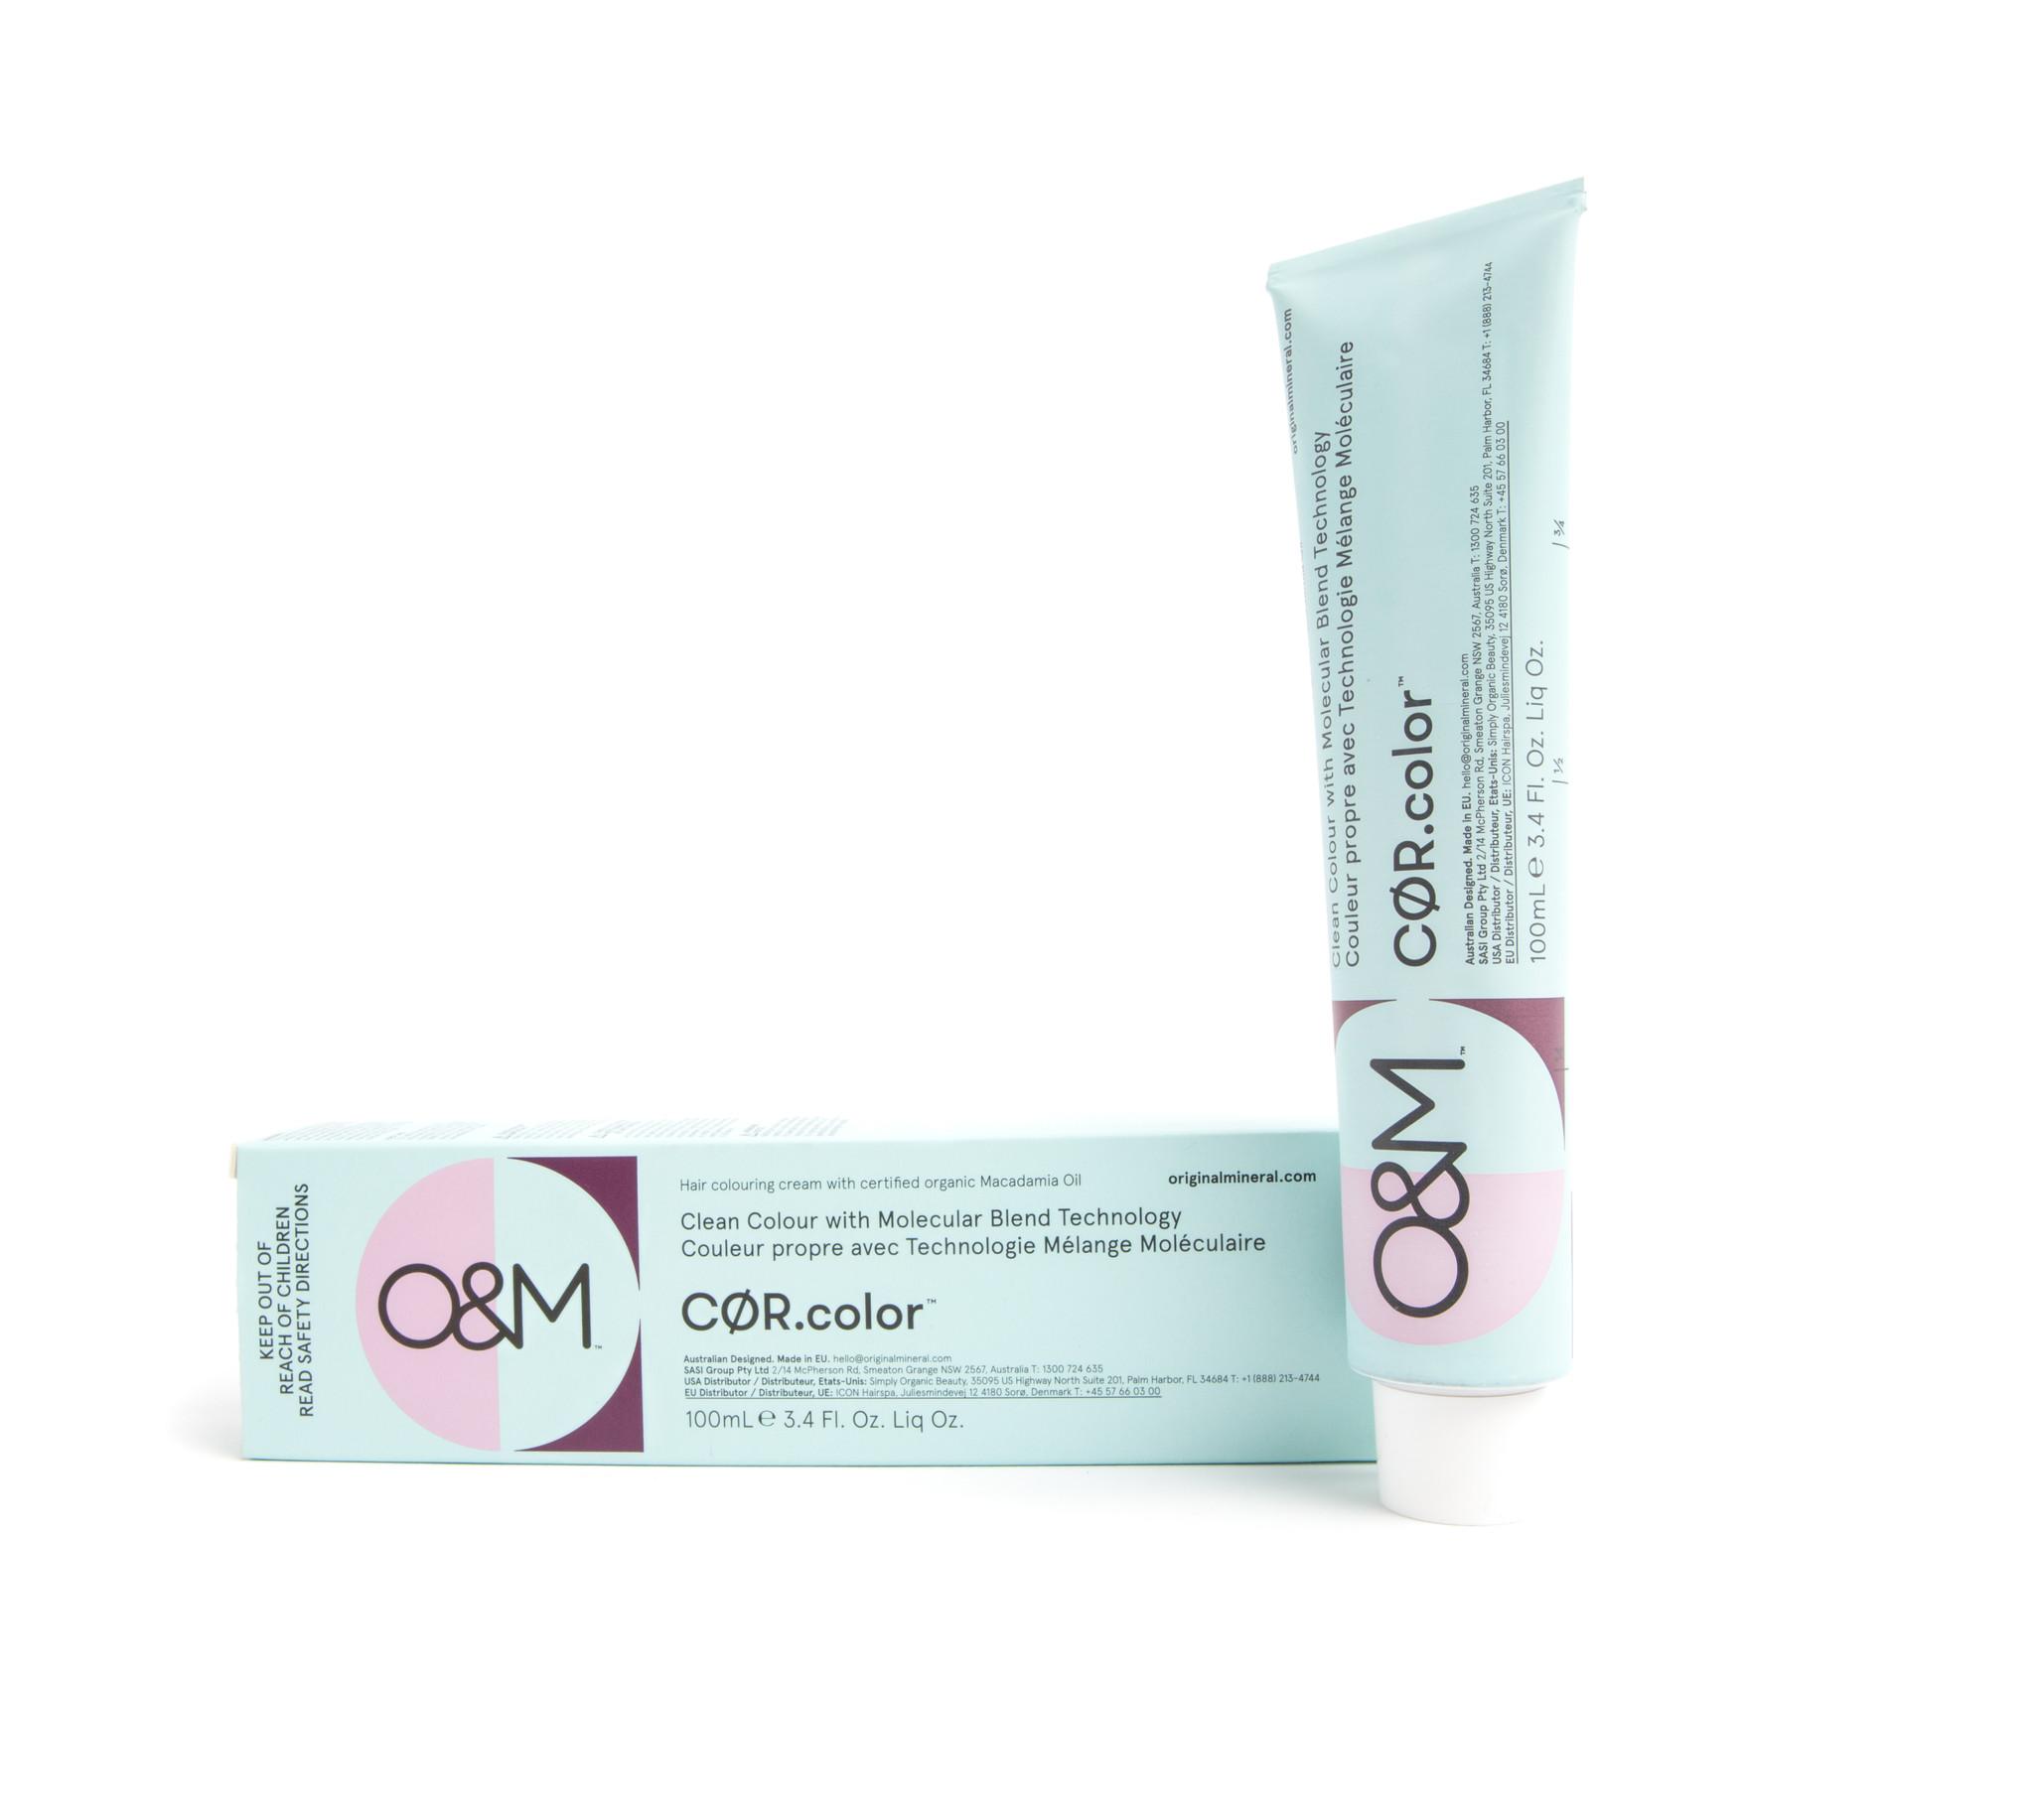 O&M - Original Mineral O&M CØR.color Platinum Pastel 100g